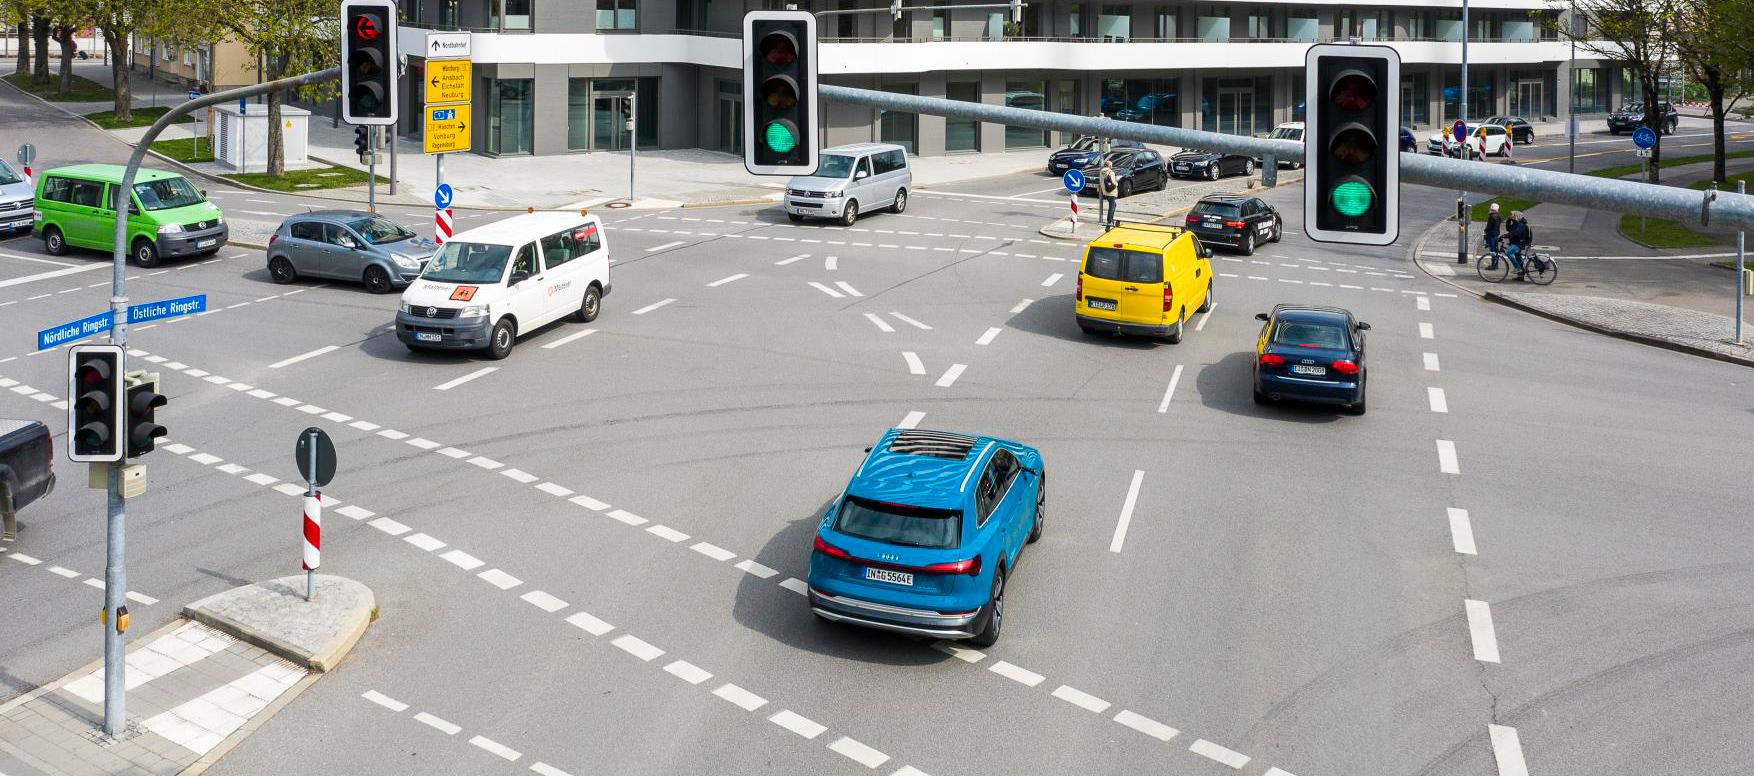 Servicio de información de semáforos by AUDI ya en Europa